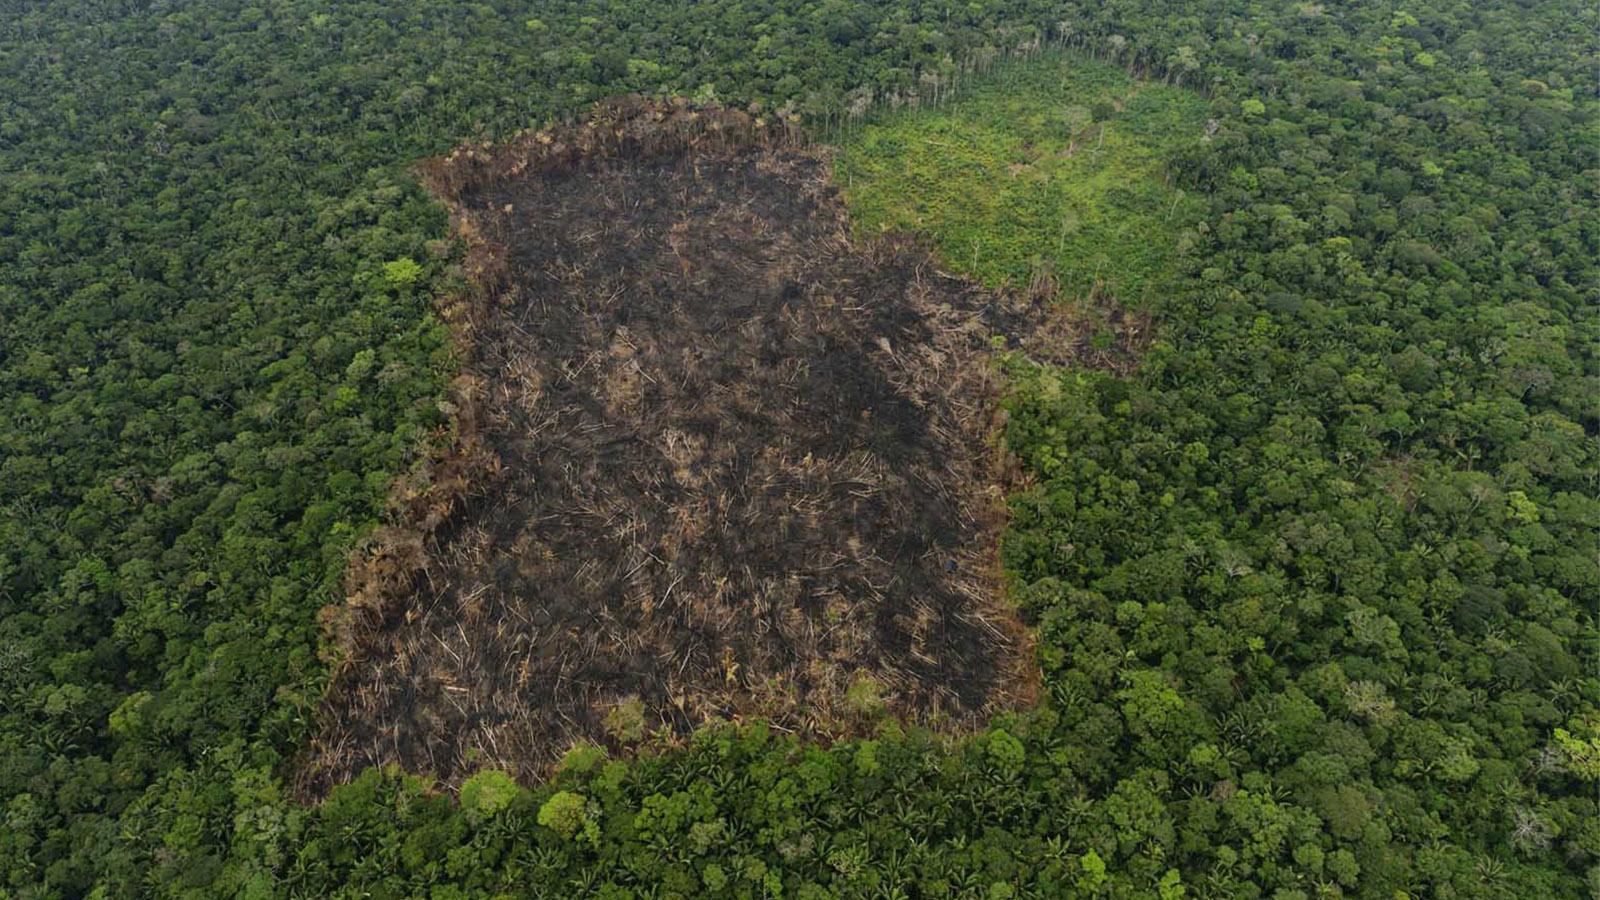 La deforestación amenaza con acabar los bosques del Caguán